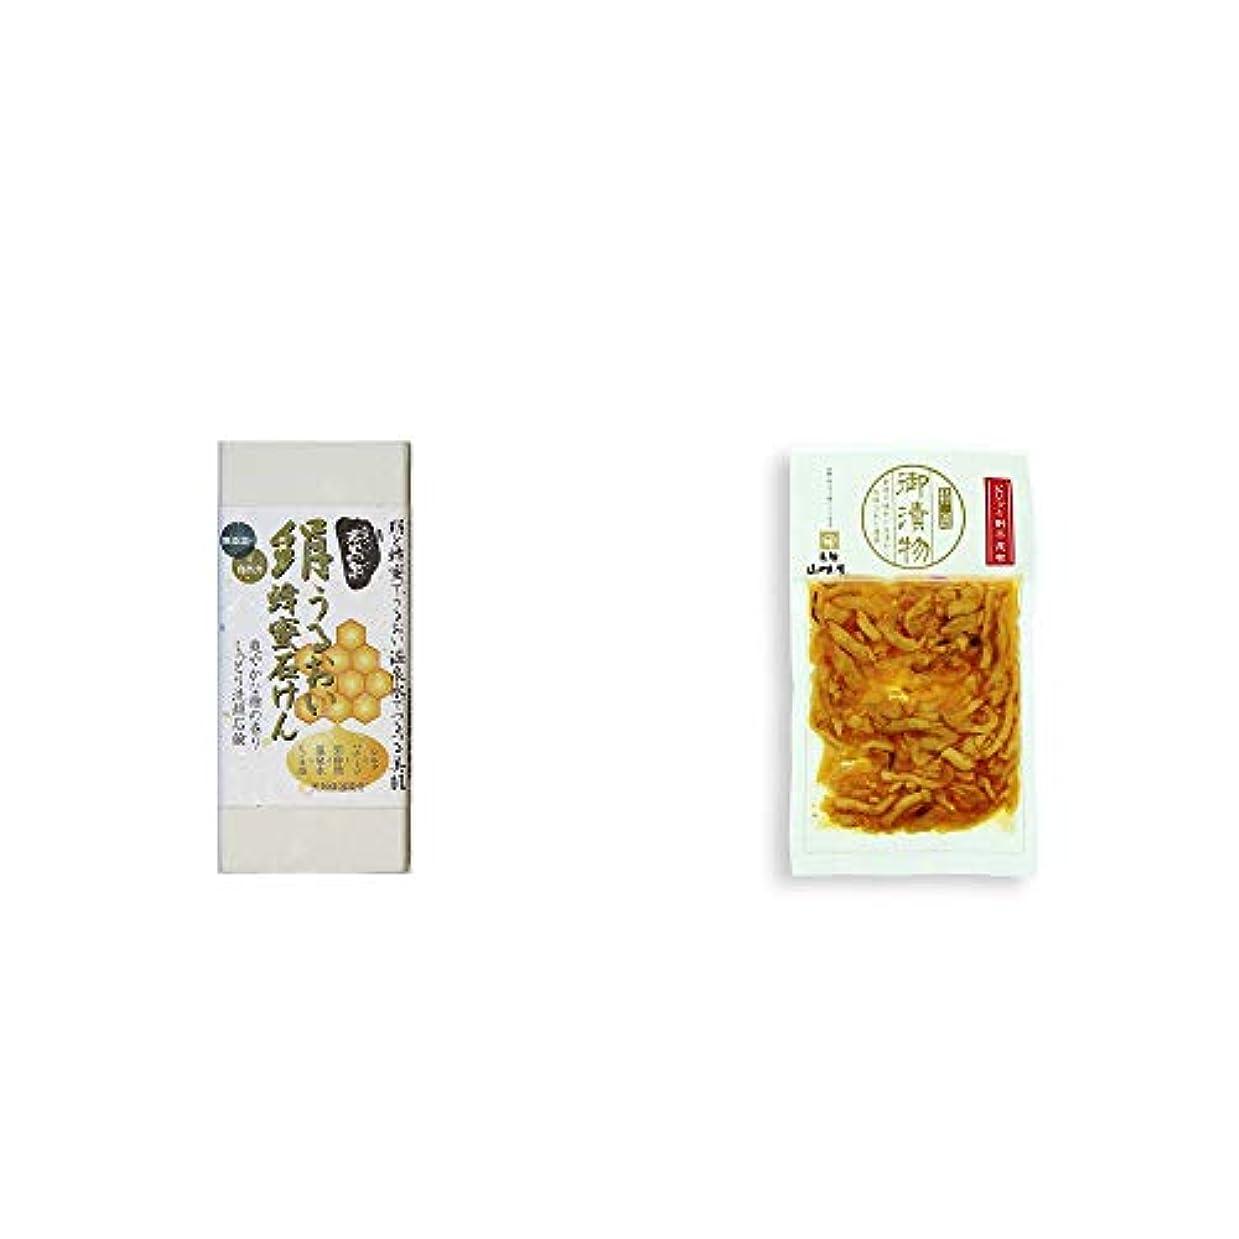 地図ごみ加入[2点セット] ひのき炭黒泉 絹うるおい蜂蜜石けん(75g×2)?飛騨山味屋 ピリッと割干し昆布(230g)